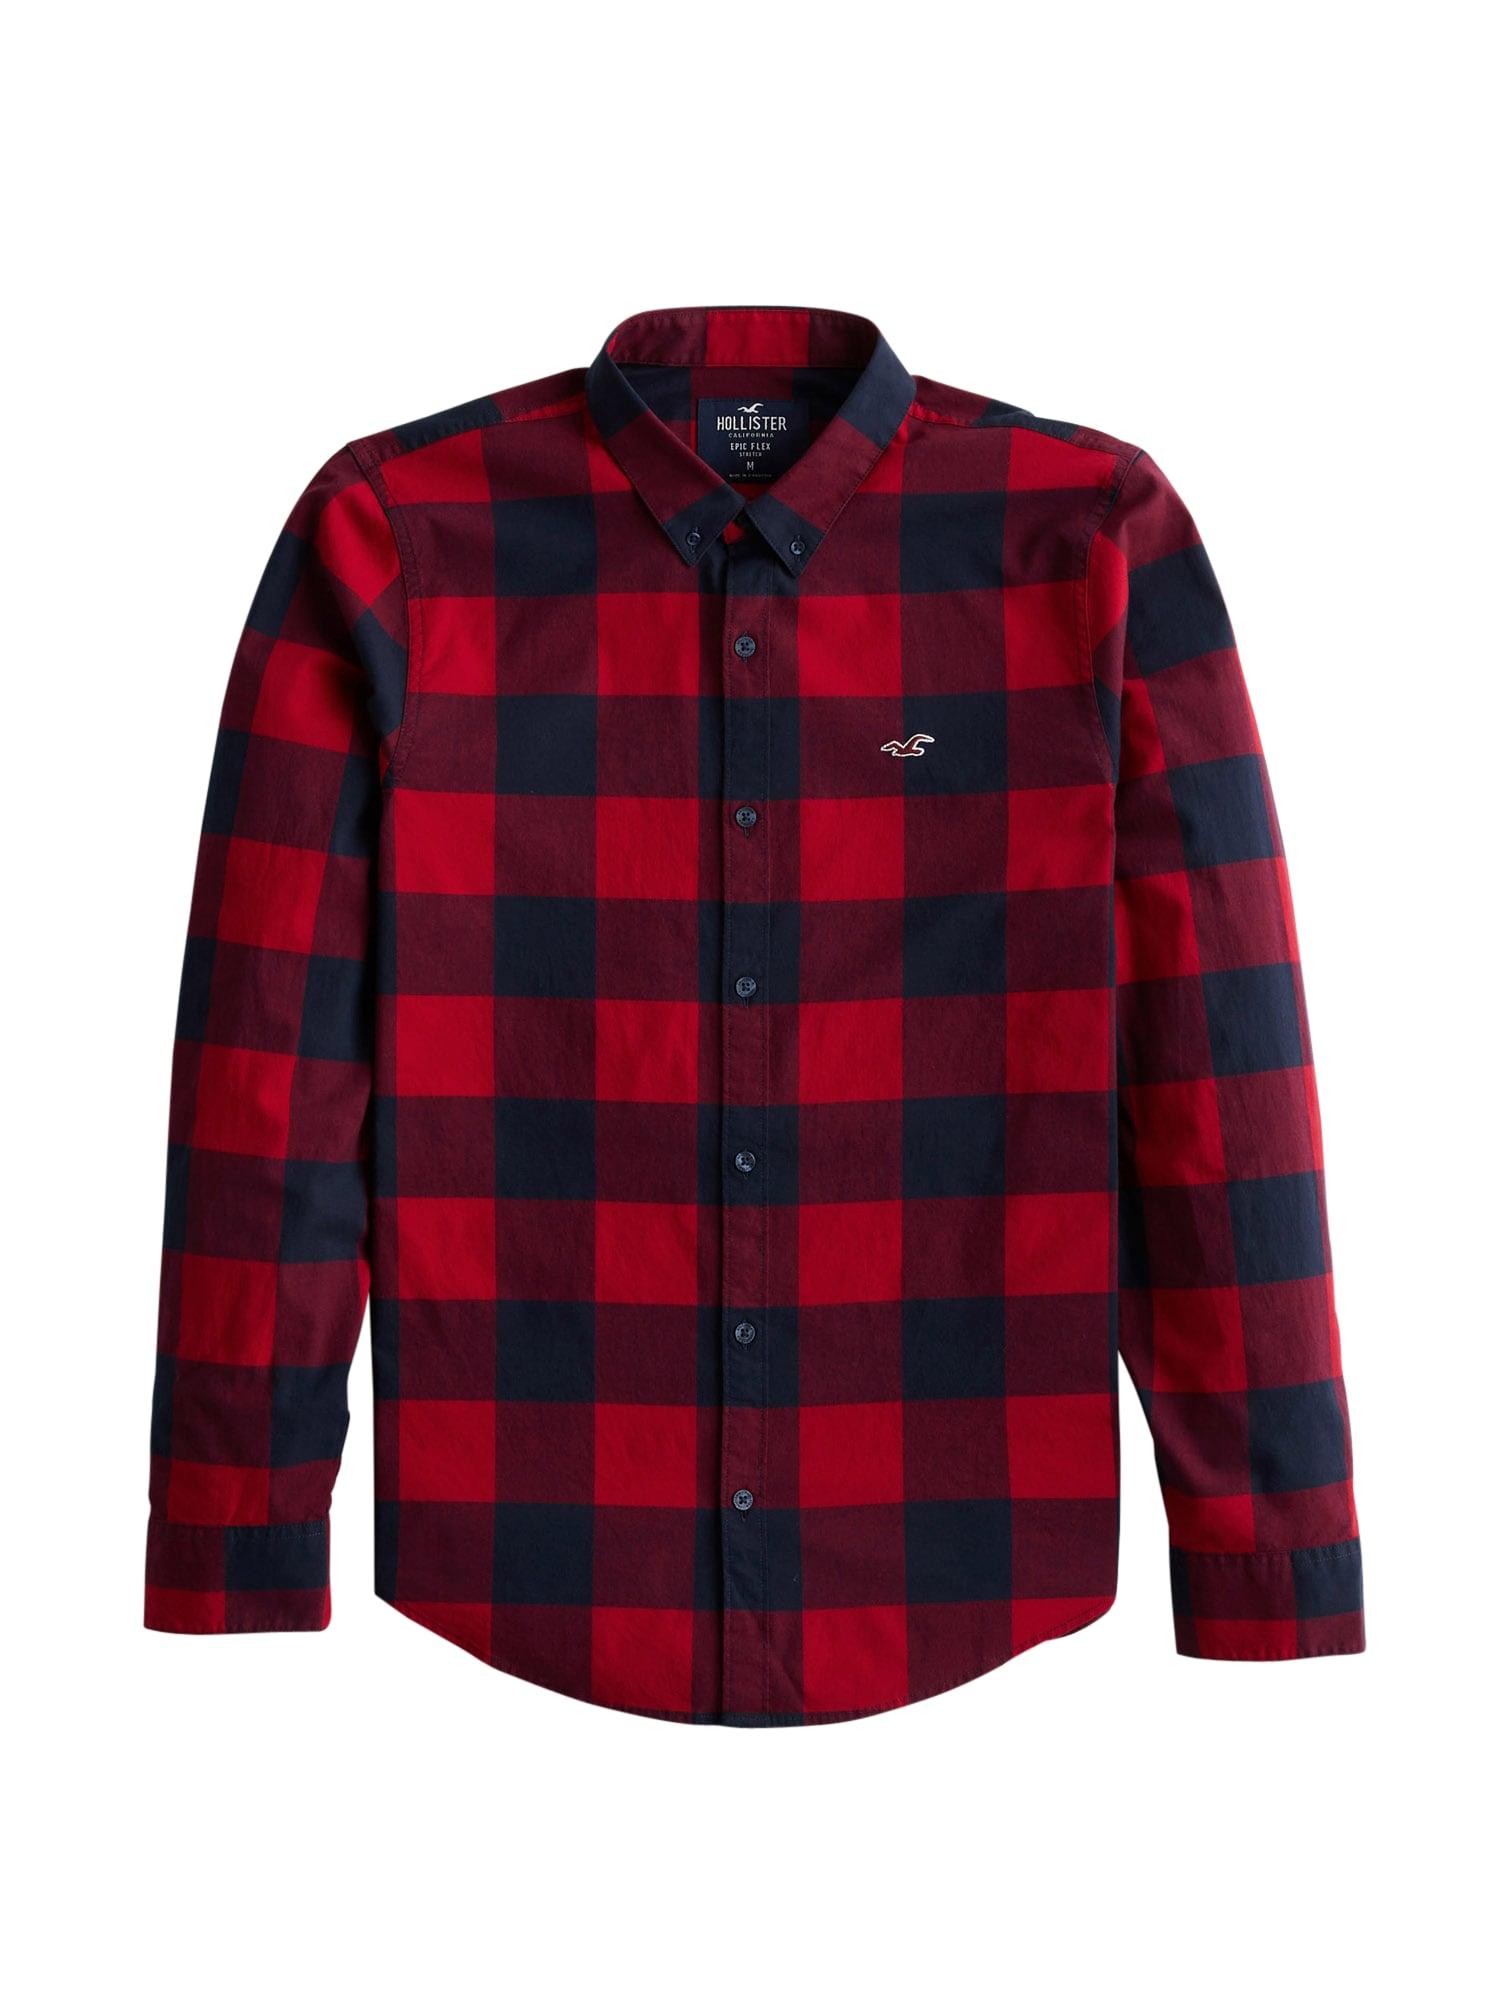 HOLLISTER Marškiniai raudona / tamsiai mėlyna